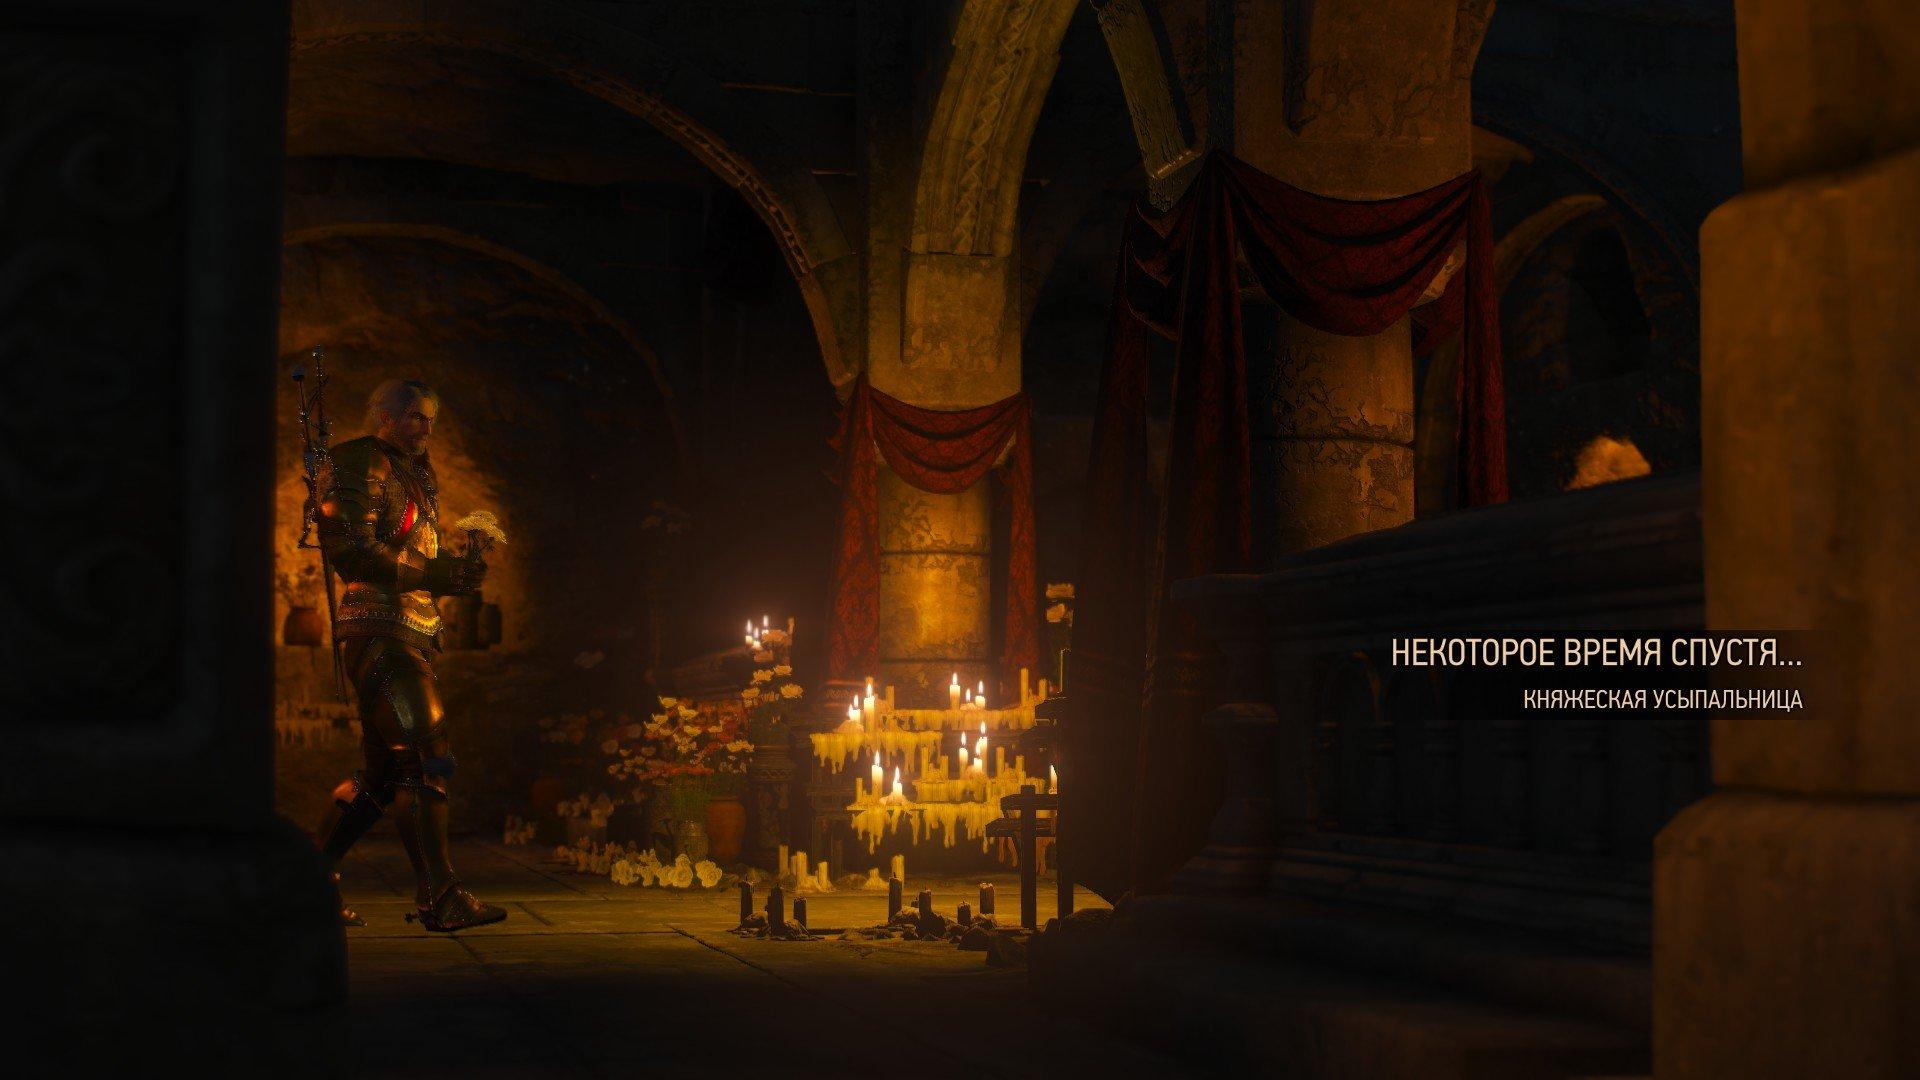 Вопль-прохождение Witcher 3: Кровь и Вино ... ФИНАЛ!!! [ВНИМАНИЕ, СПОЙЛЕРЫ] - Изображение 35